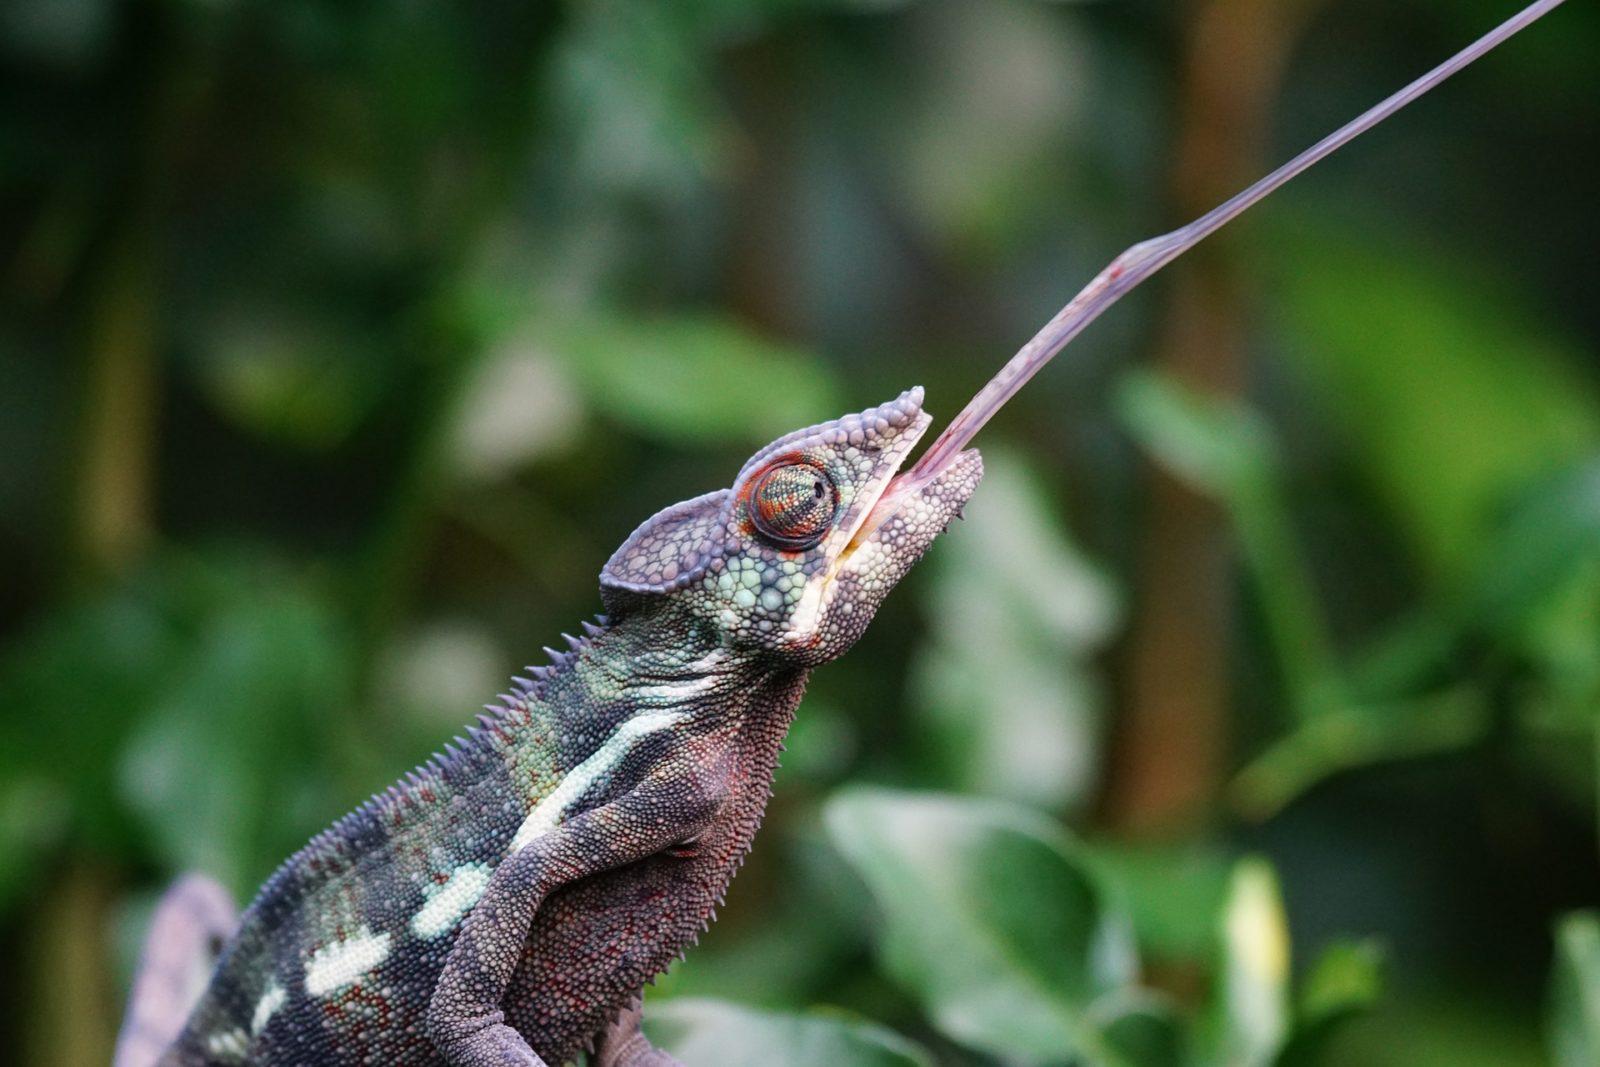 Efekt kameleona, czyli po co naśladujemy innych ludzi?